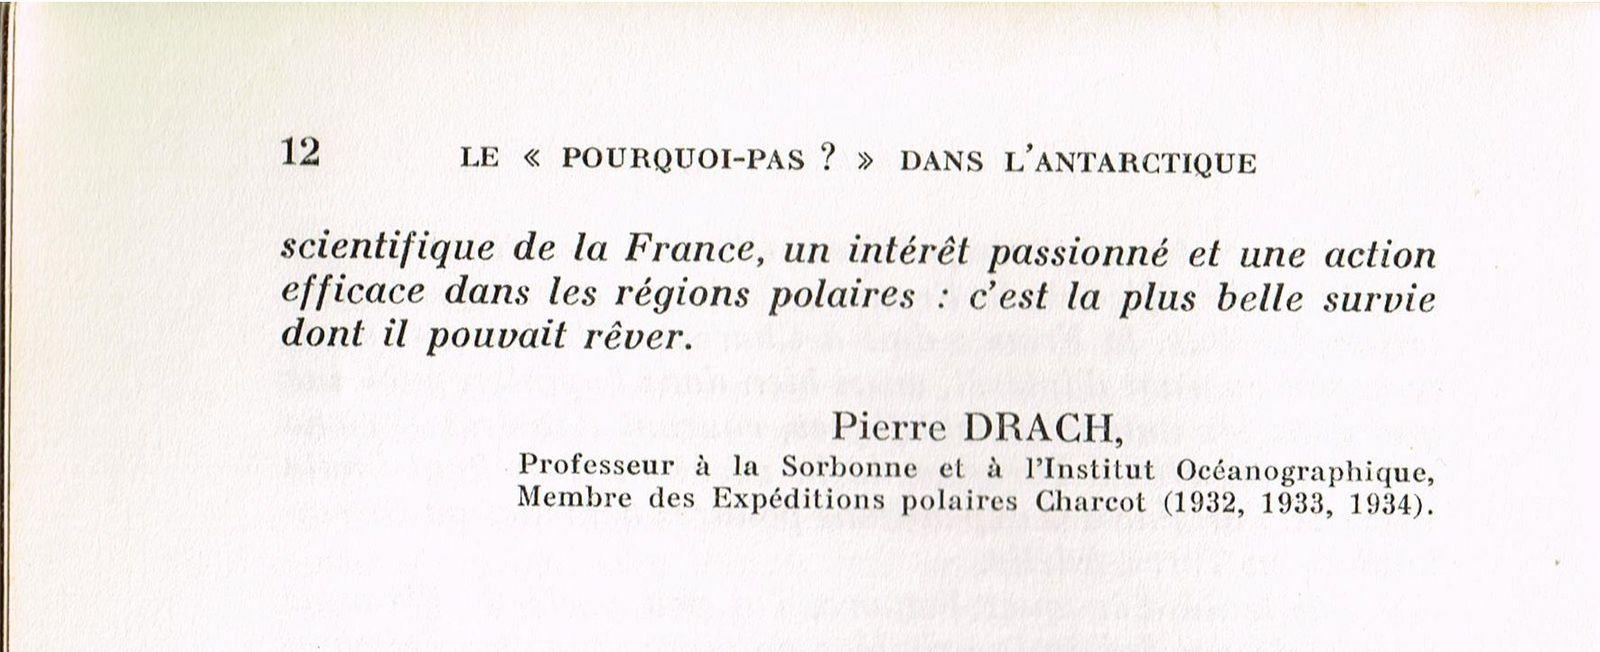 Commandant Charcot: Le Pourquoi-Pas ? dans l'Antarctique, Flammarion, 1968.